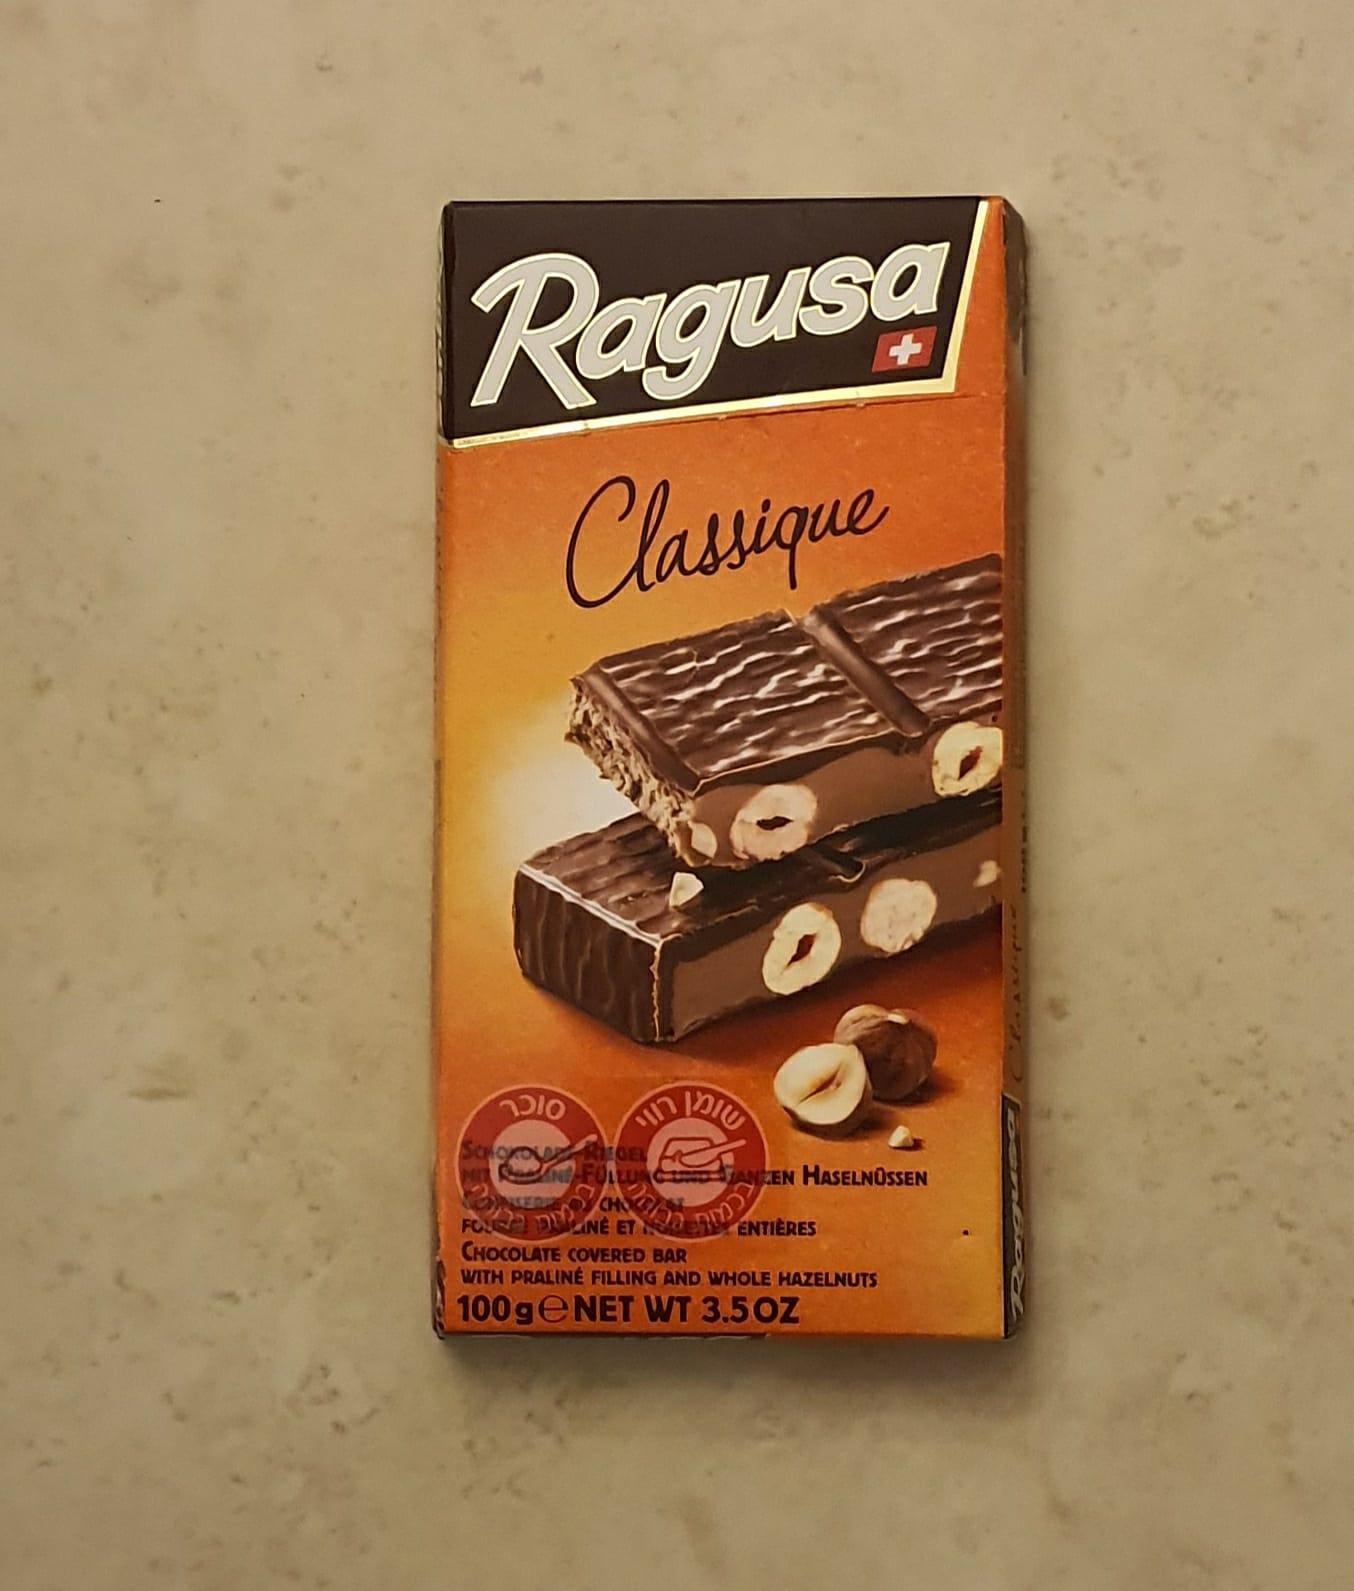 שוקולד ראגוסה חלב